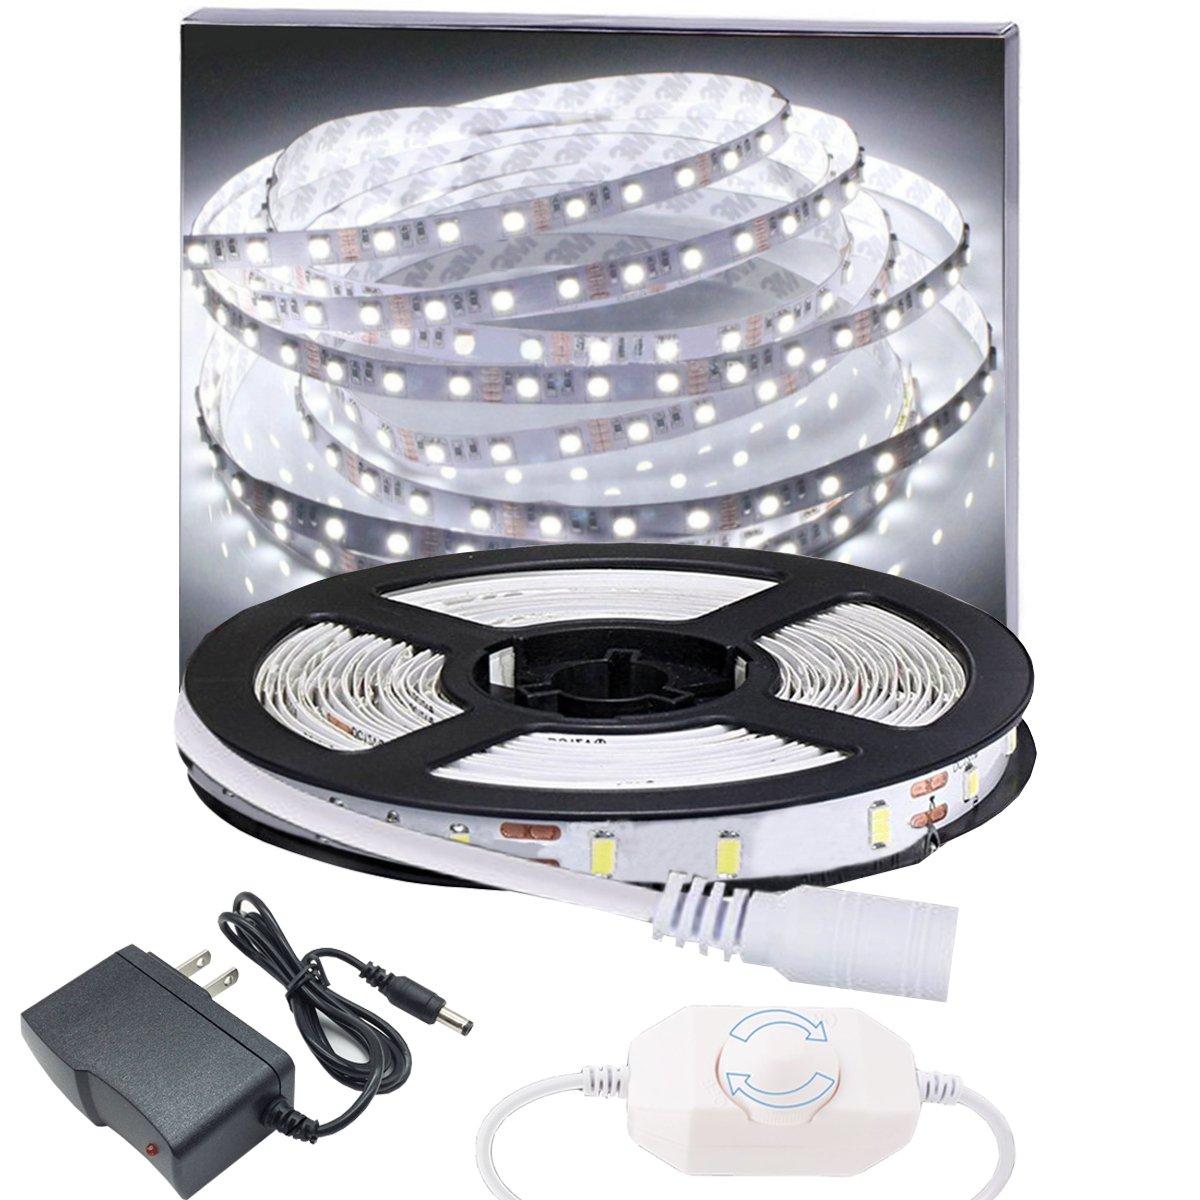 Dimmable LED Light Strip Kit 6000K Daylight White 13ft 240 LEDs Non-Waterproof LED Tape